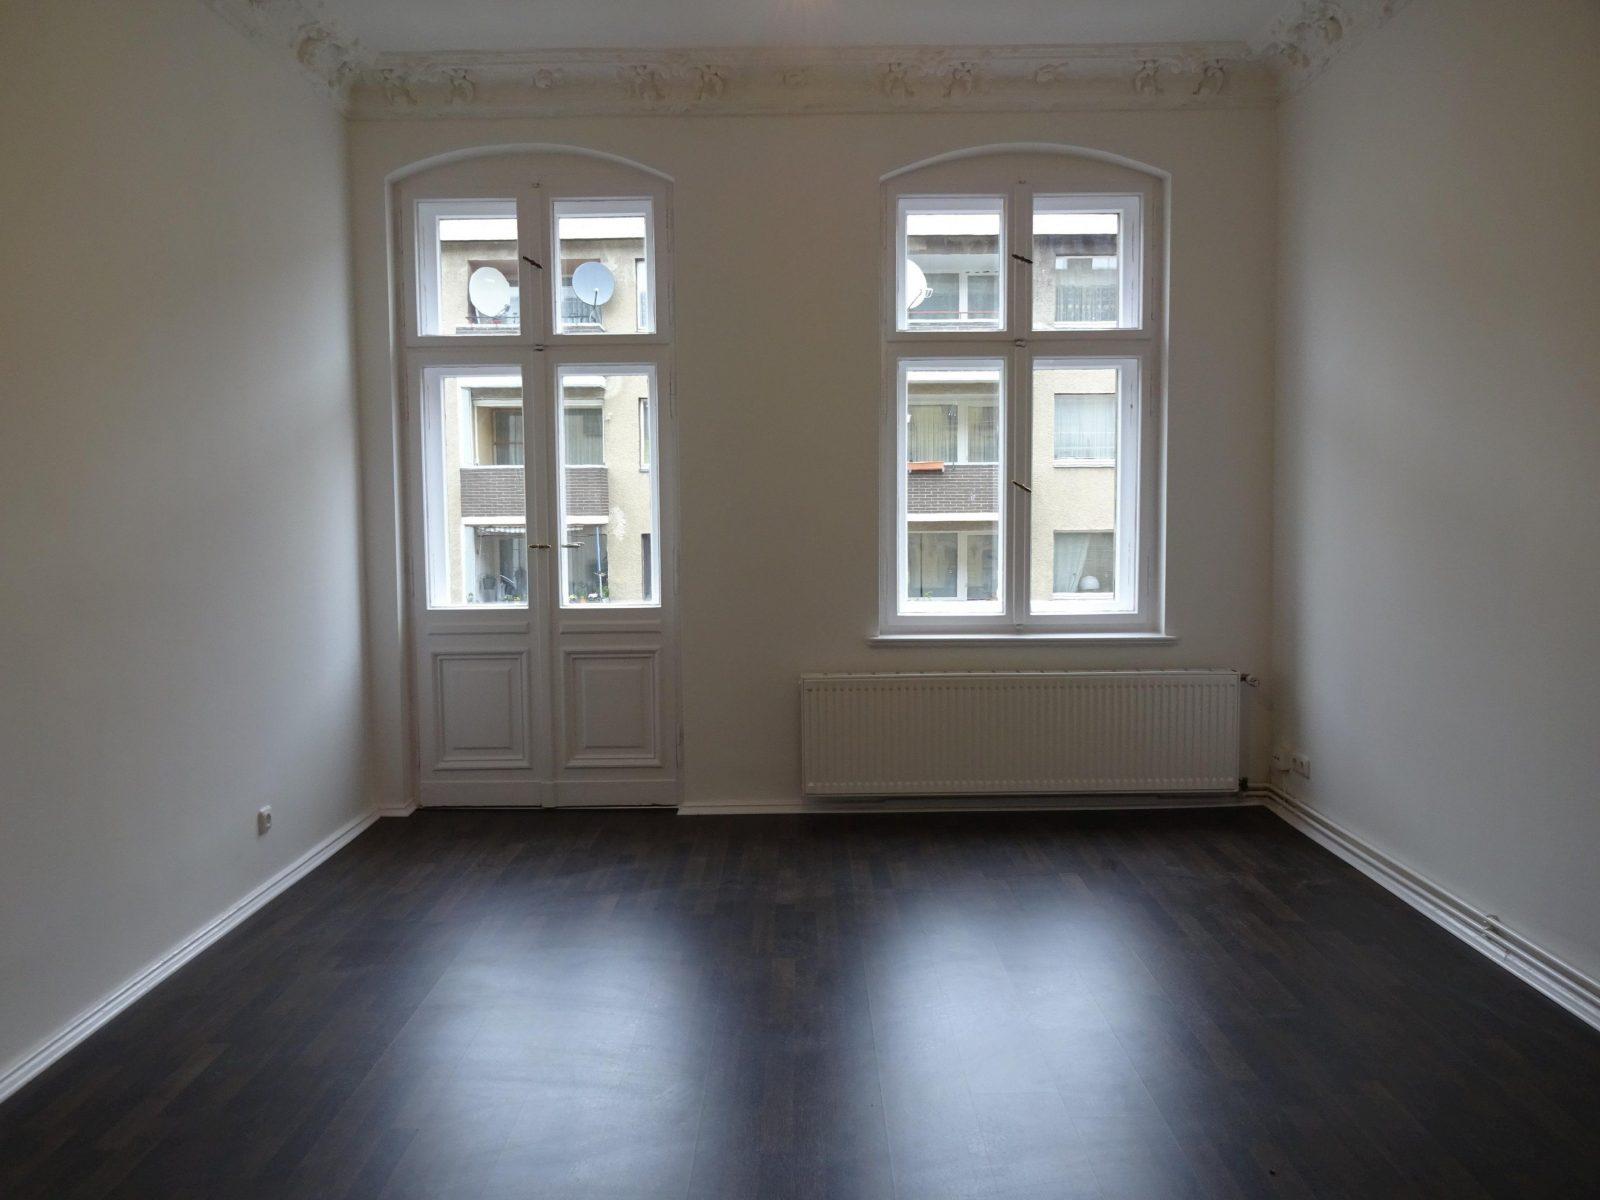 35 Lovely Modelle Über Wohnungen Ohne Provision  Beste Sammlung Von von Wohnung Mieten Nürnberg Ohne Provision Photo